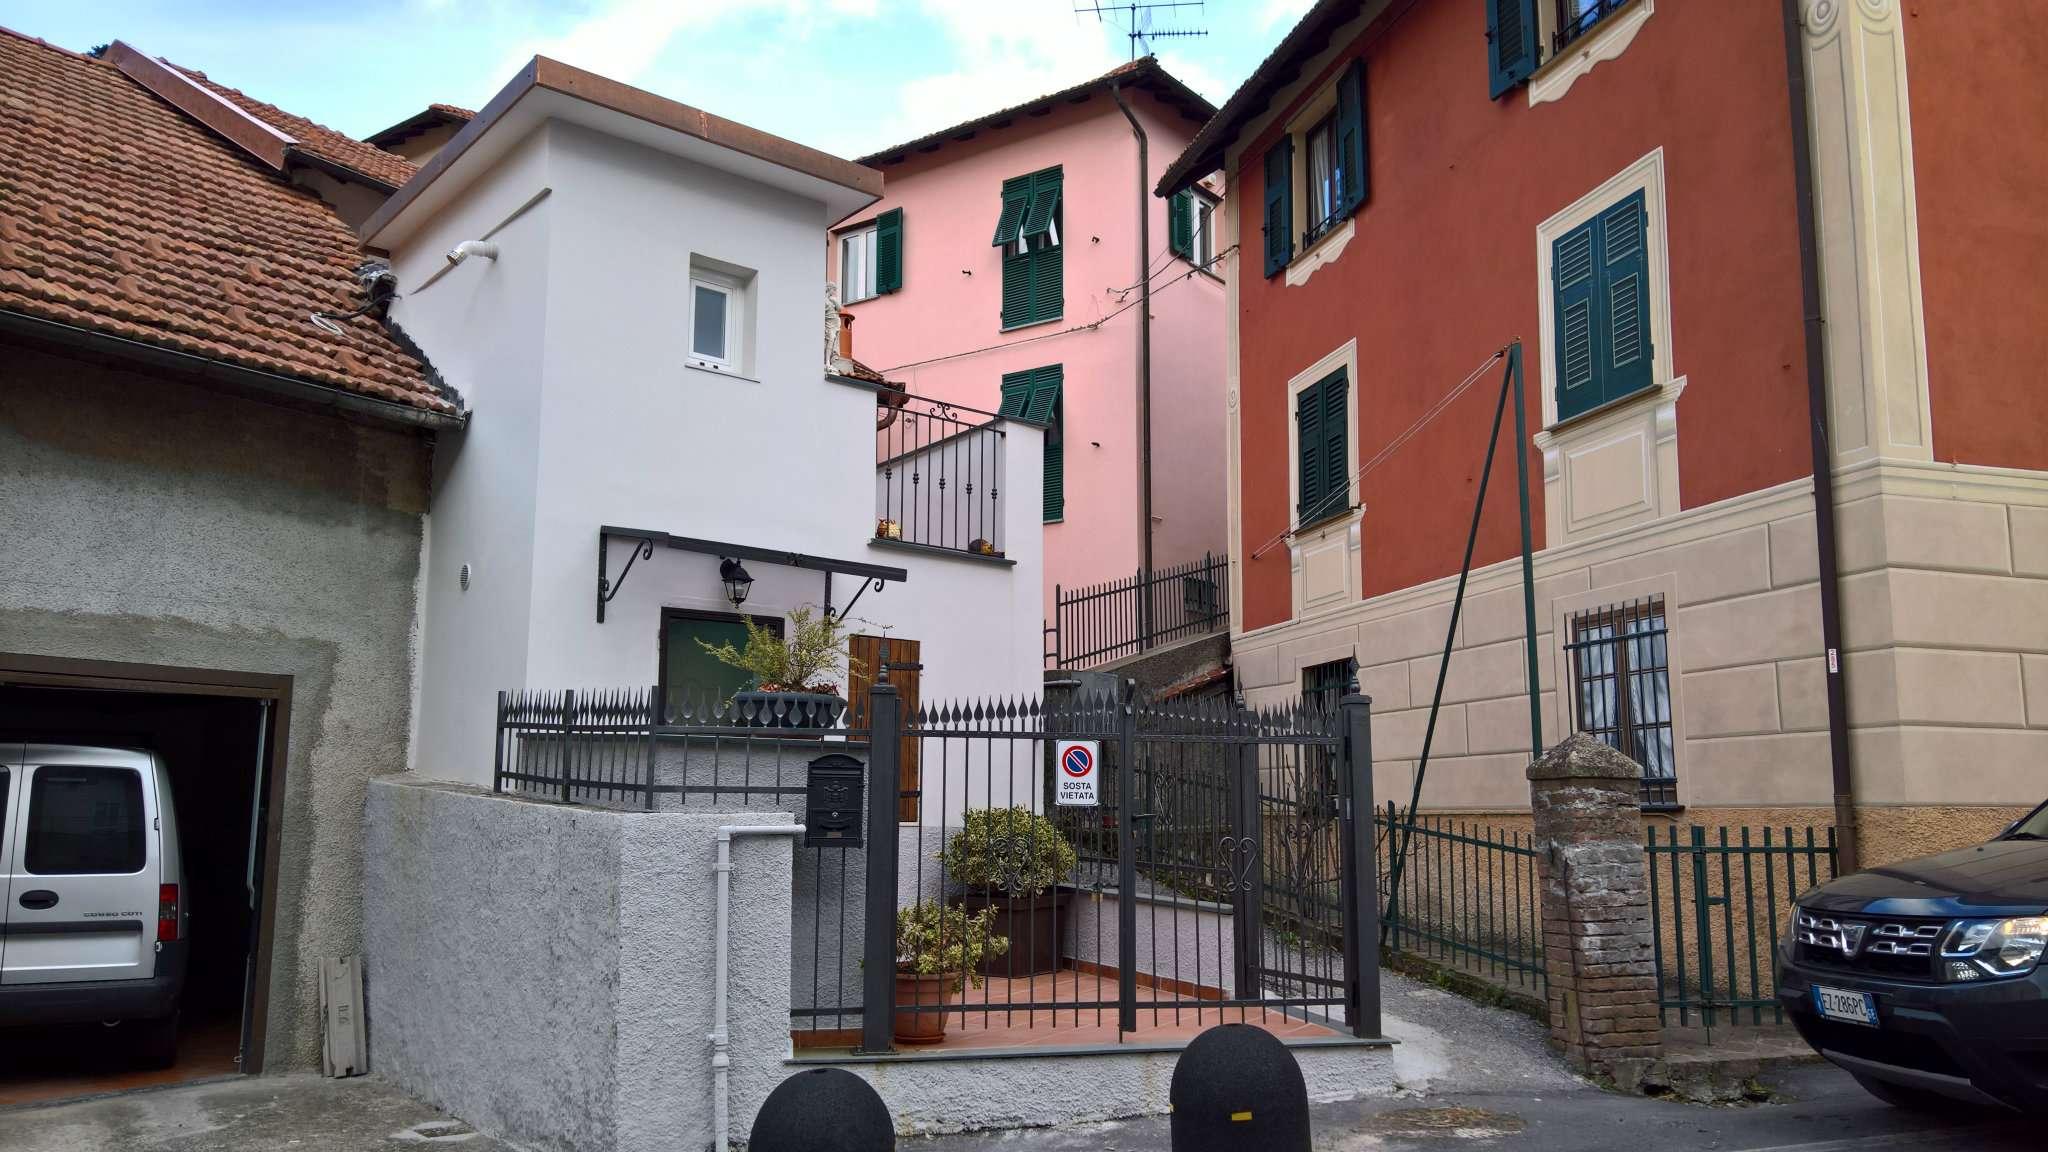 Soluzione Semindipendente in vendita a Savignone, 3 locali, prezzo € 90.000 | CambioCasa.it